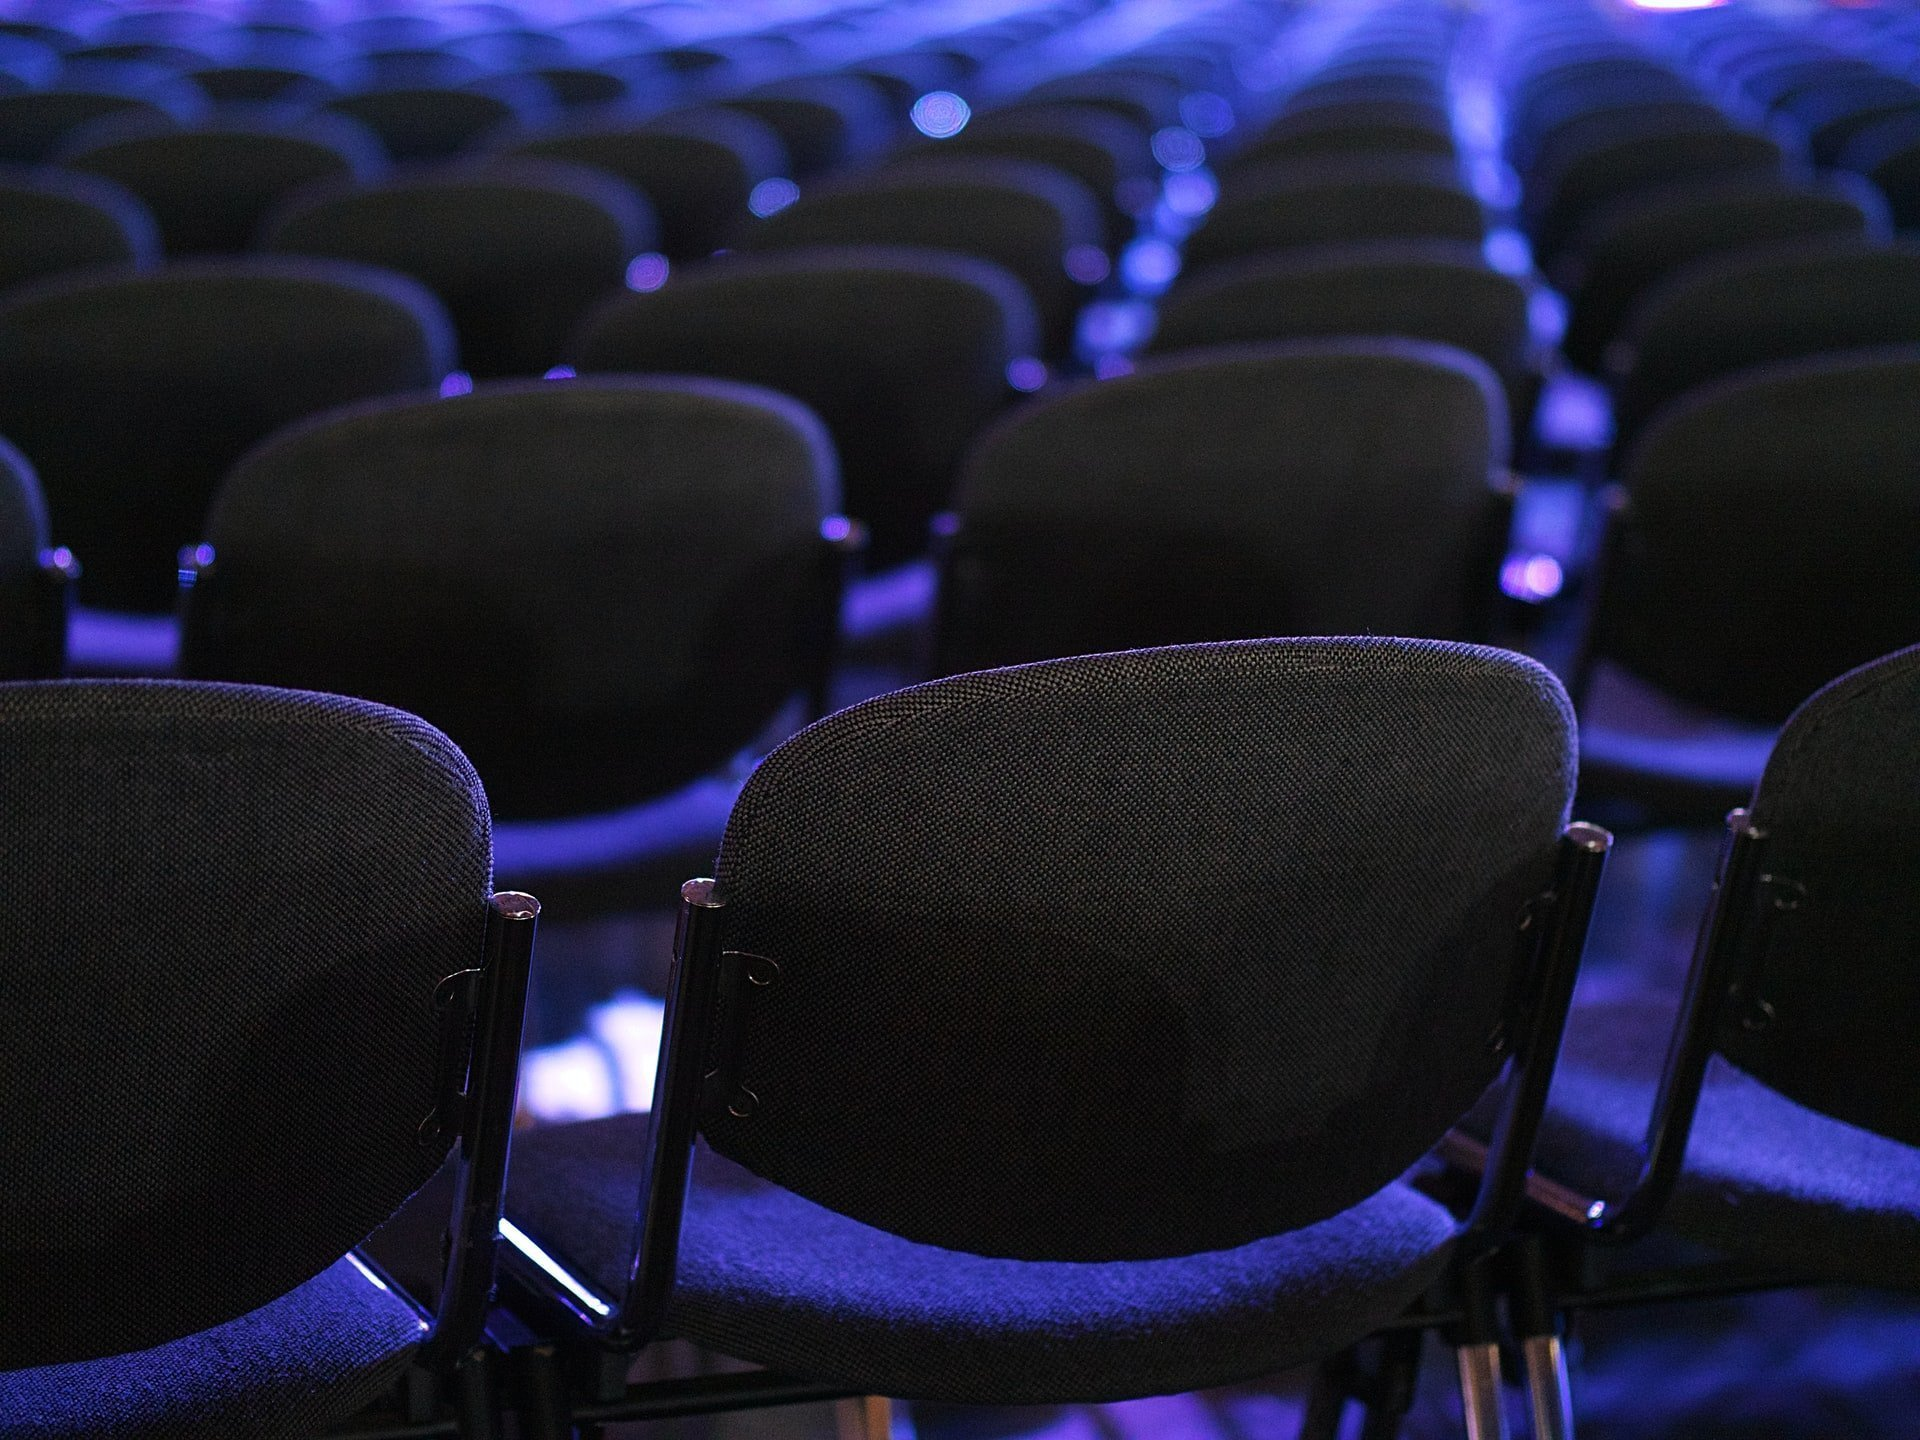 Digitale Vereins- und Generalversammlungen unter der Schweizer Corona Notverordnung